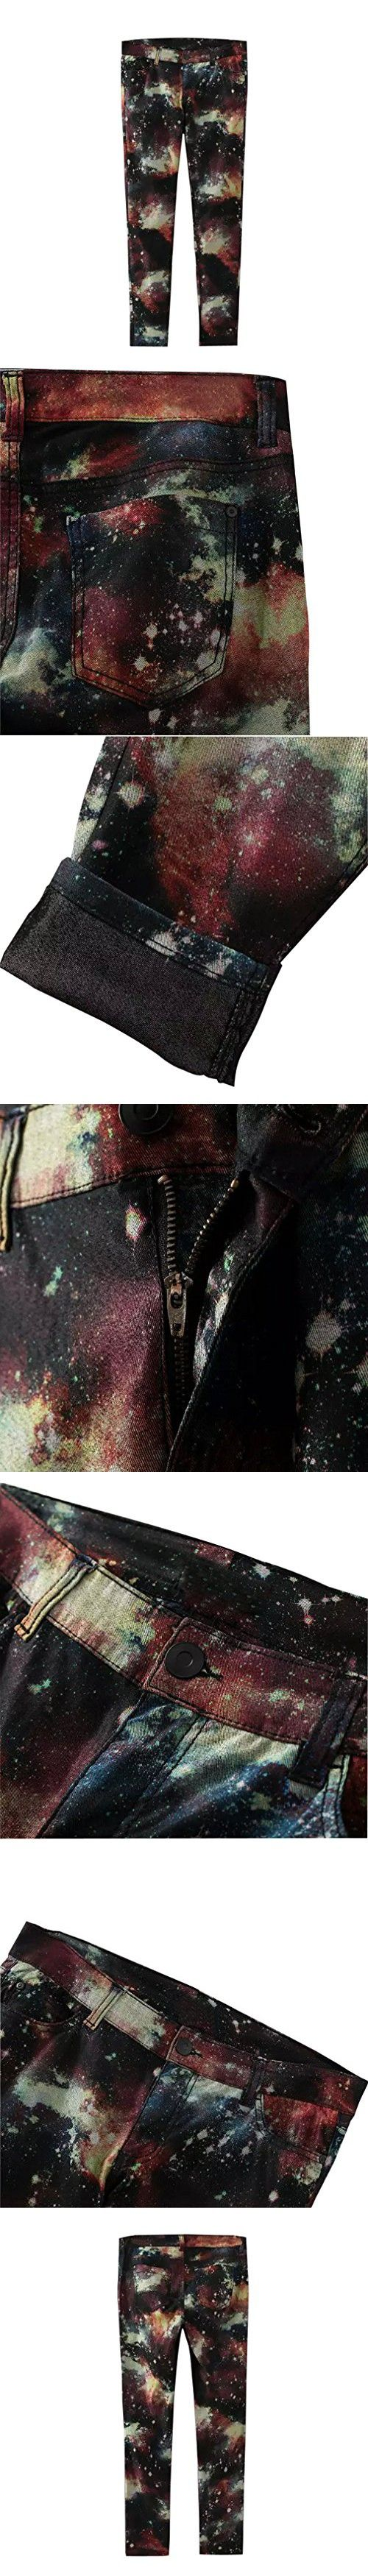 East Castle Women's Stylish Galaxy Pattern Skinny Pencil Pants W-202 20/0X US 18W